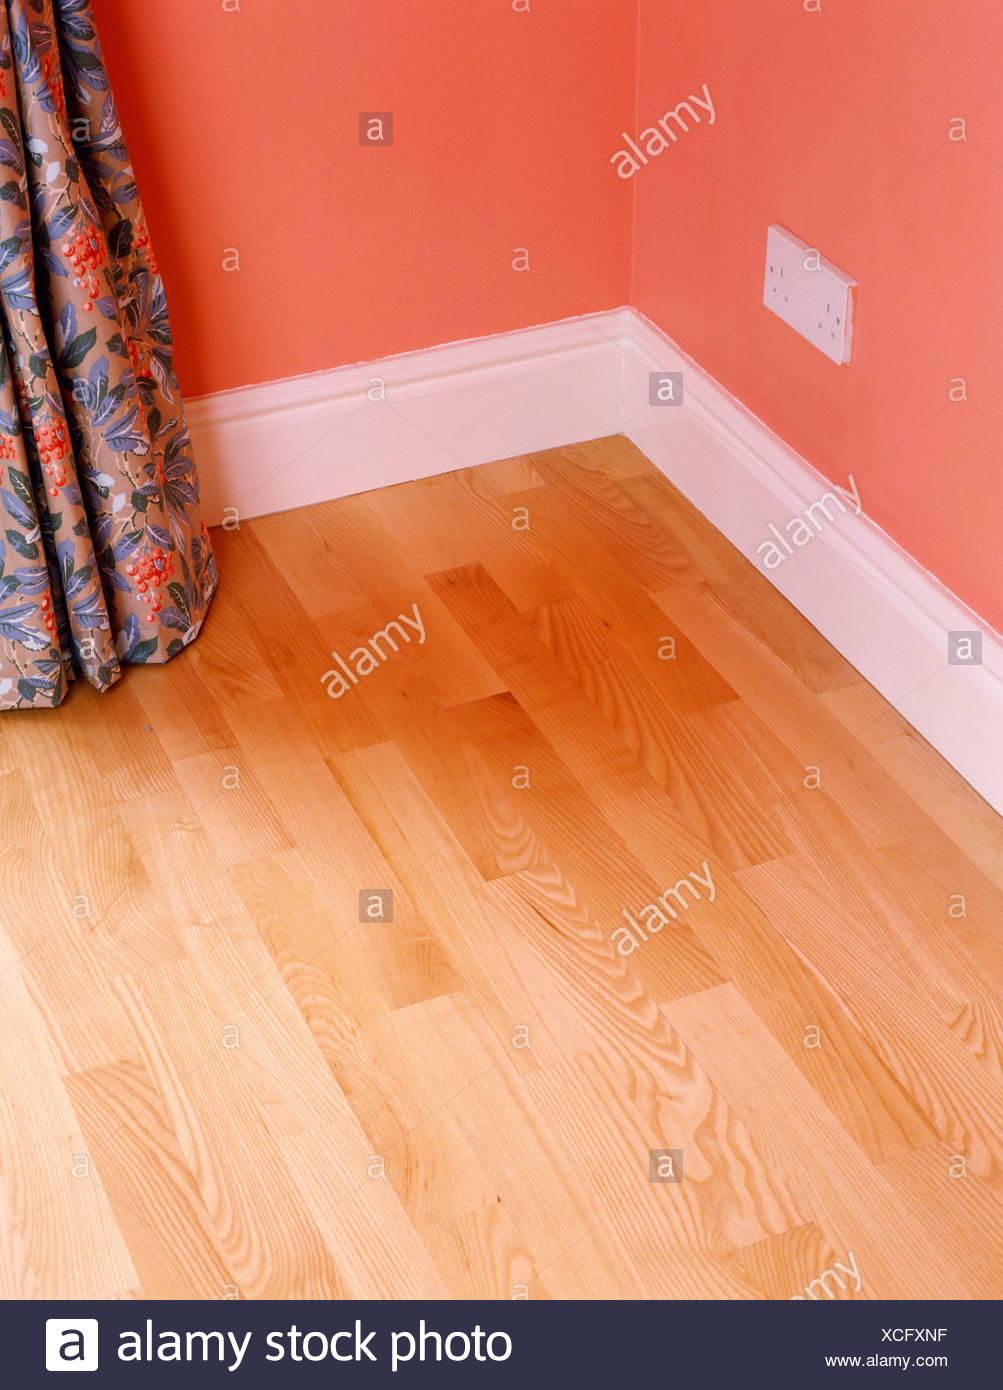 Battiscopa In Legno Bianco angolo della stanza con laminato pavimento in legno bianco e